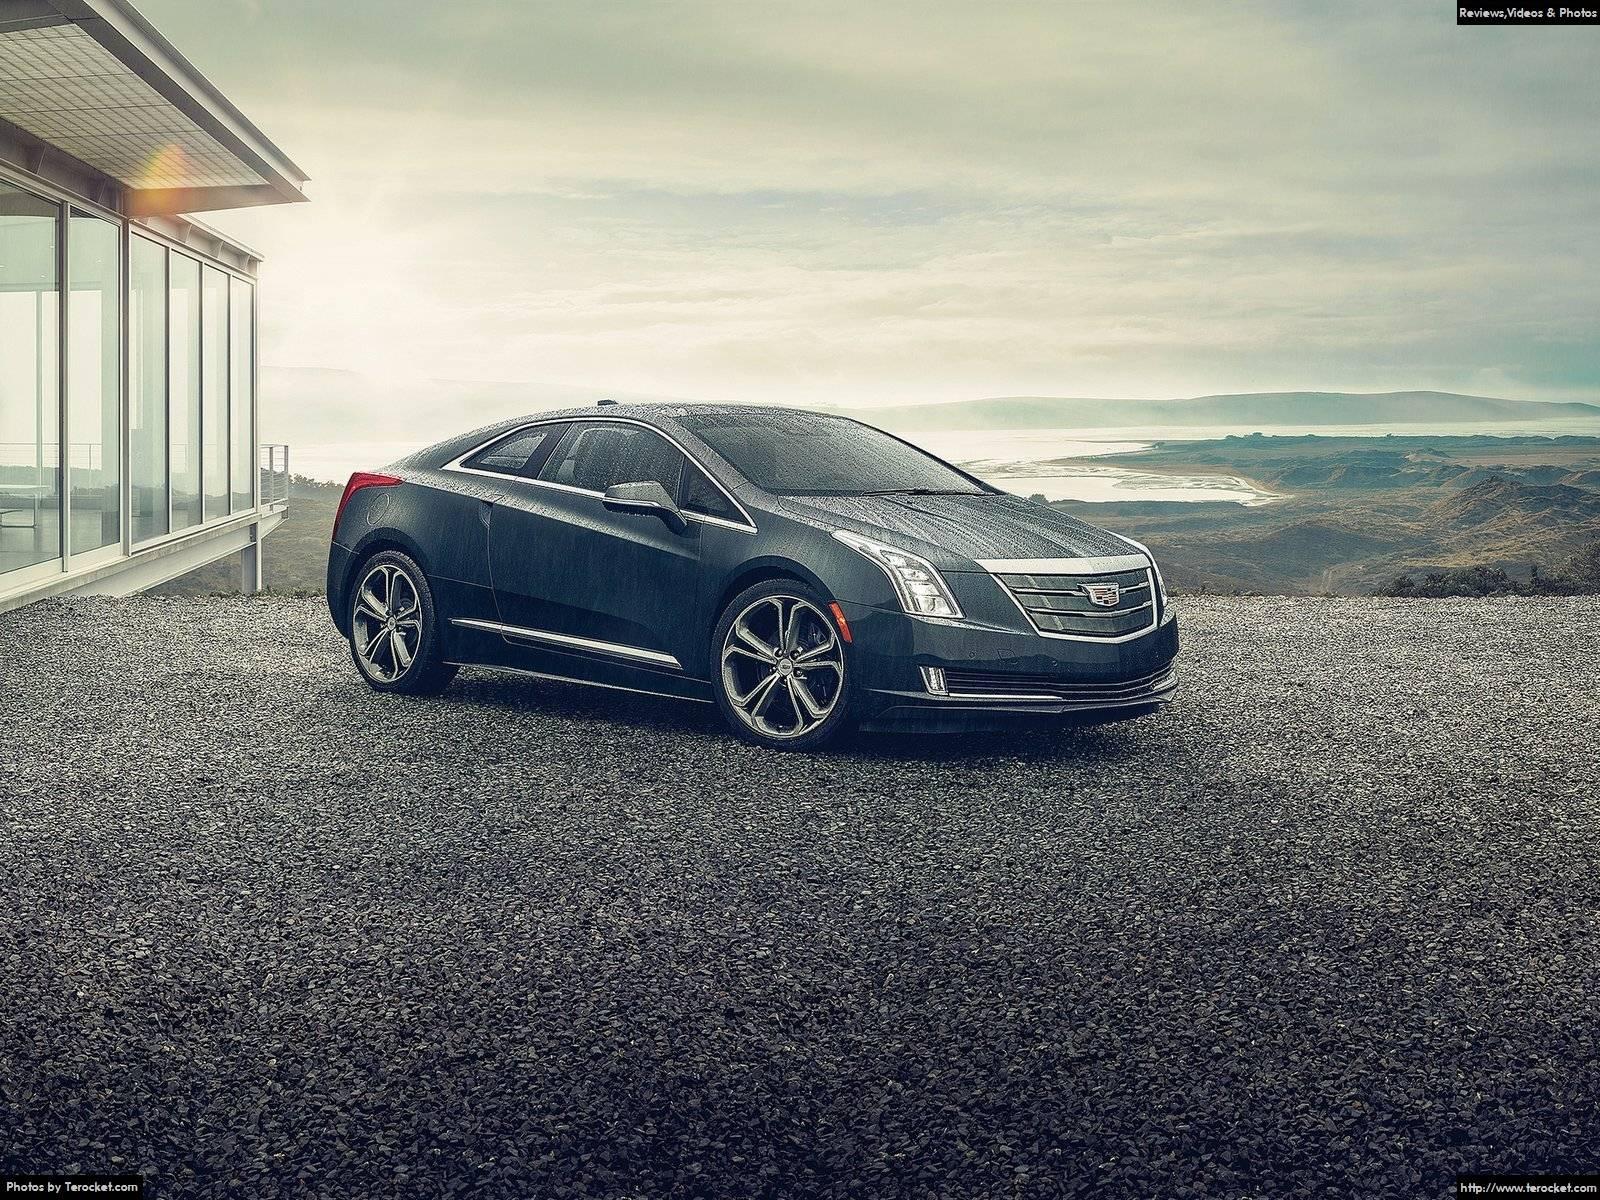 Hình ảnh xe ô tô Cadillac ELR 2016 & nội ngoại thất